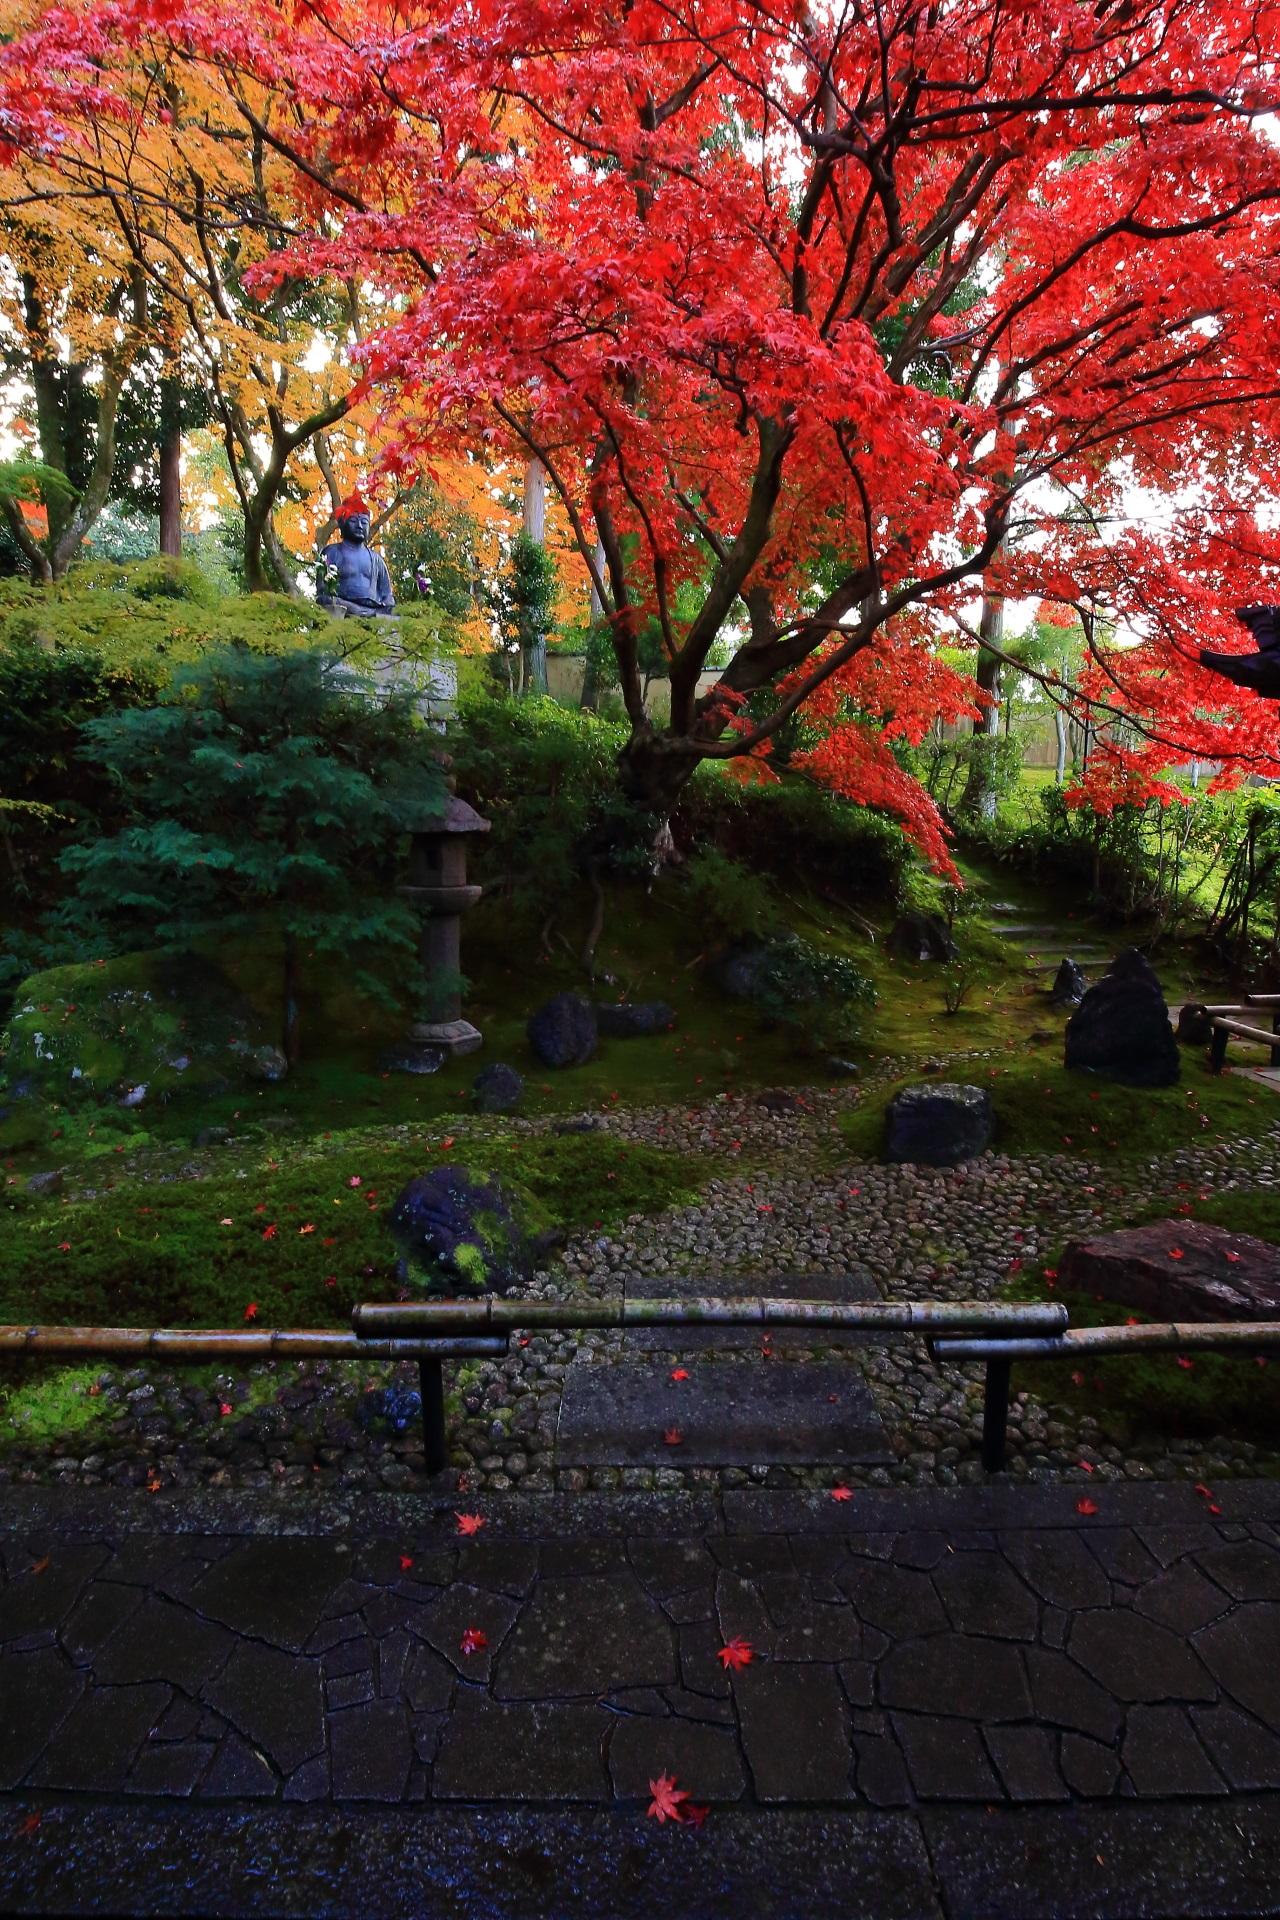 手前の石畳の参道に控えめに散る華やかな紅葉